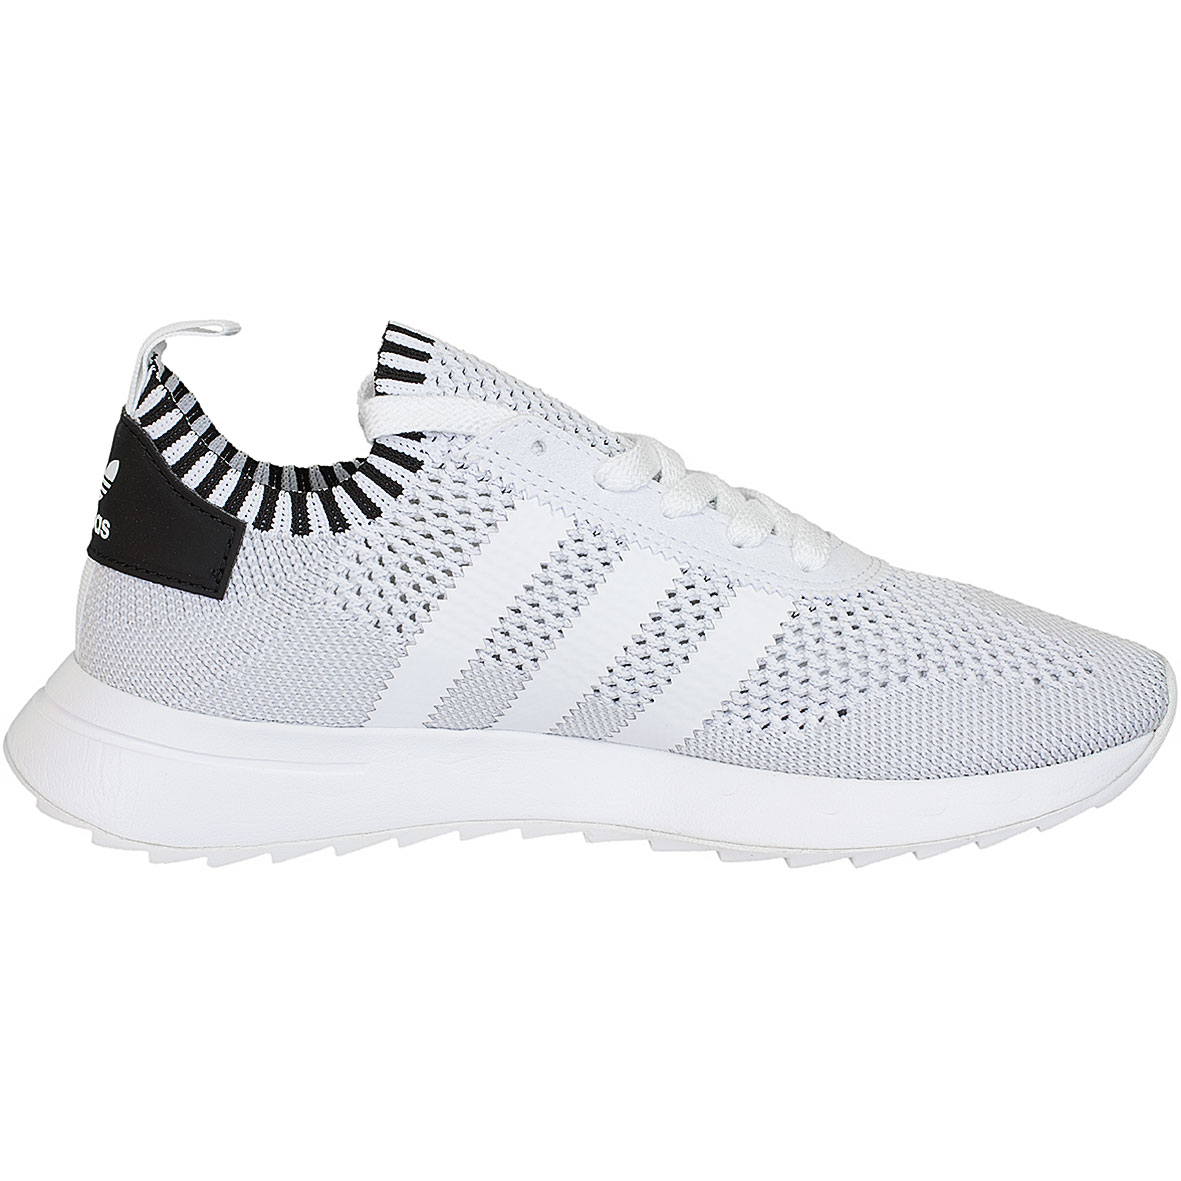 ☆ Adidas Originals Damen Sneaker Flashback Primeknit weiß